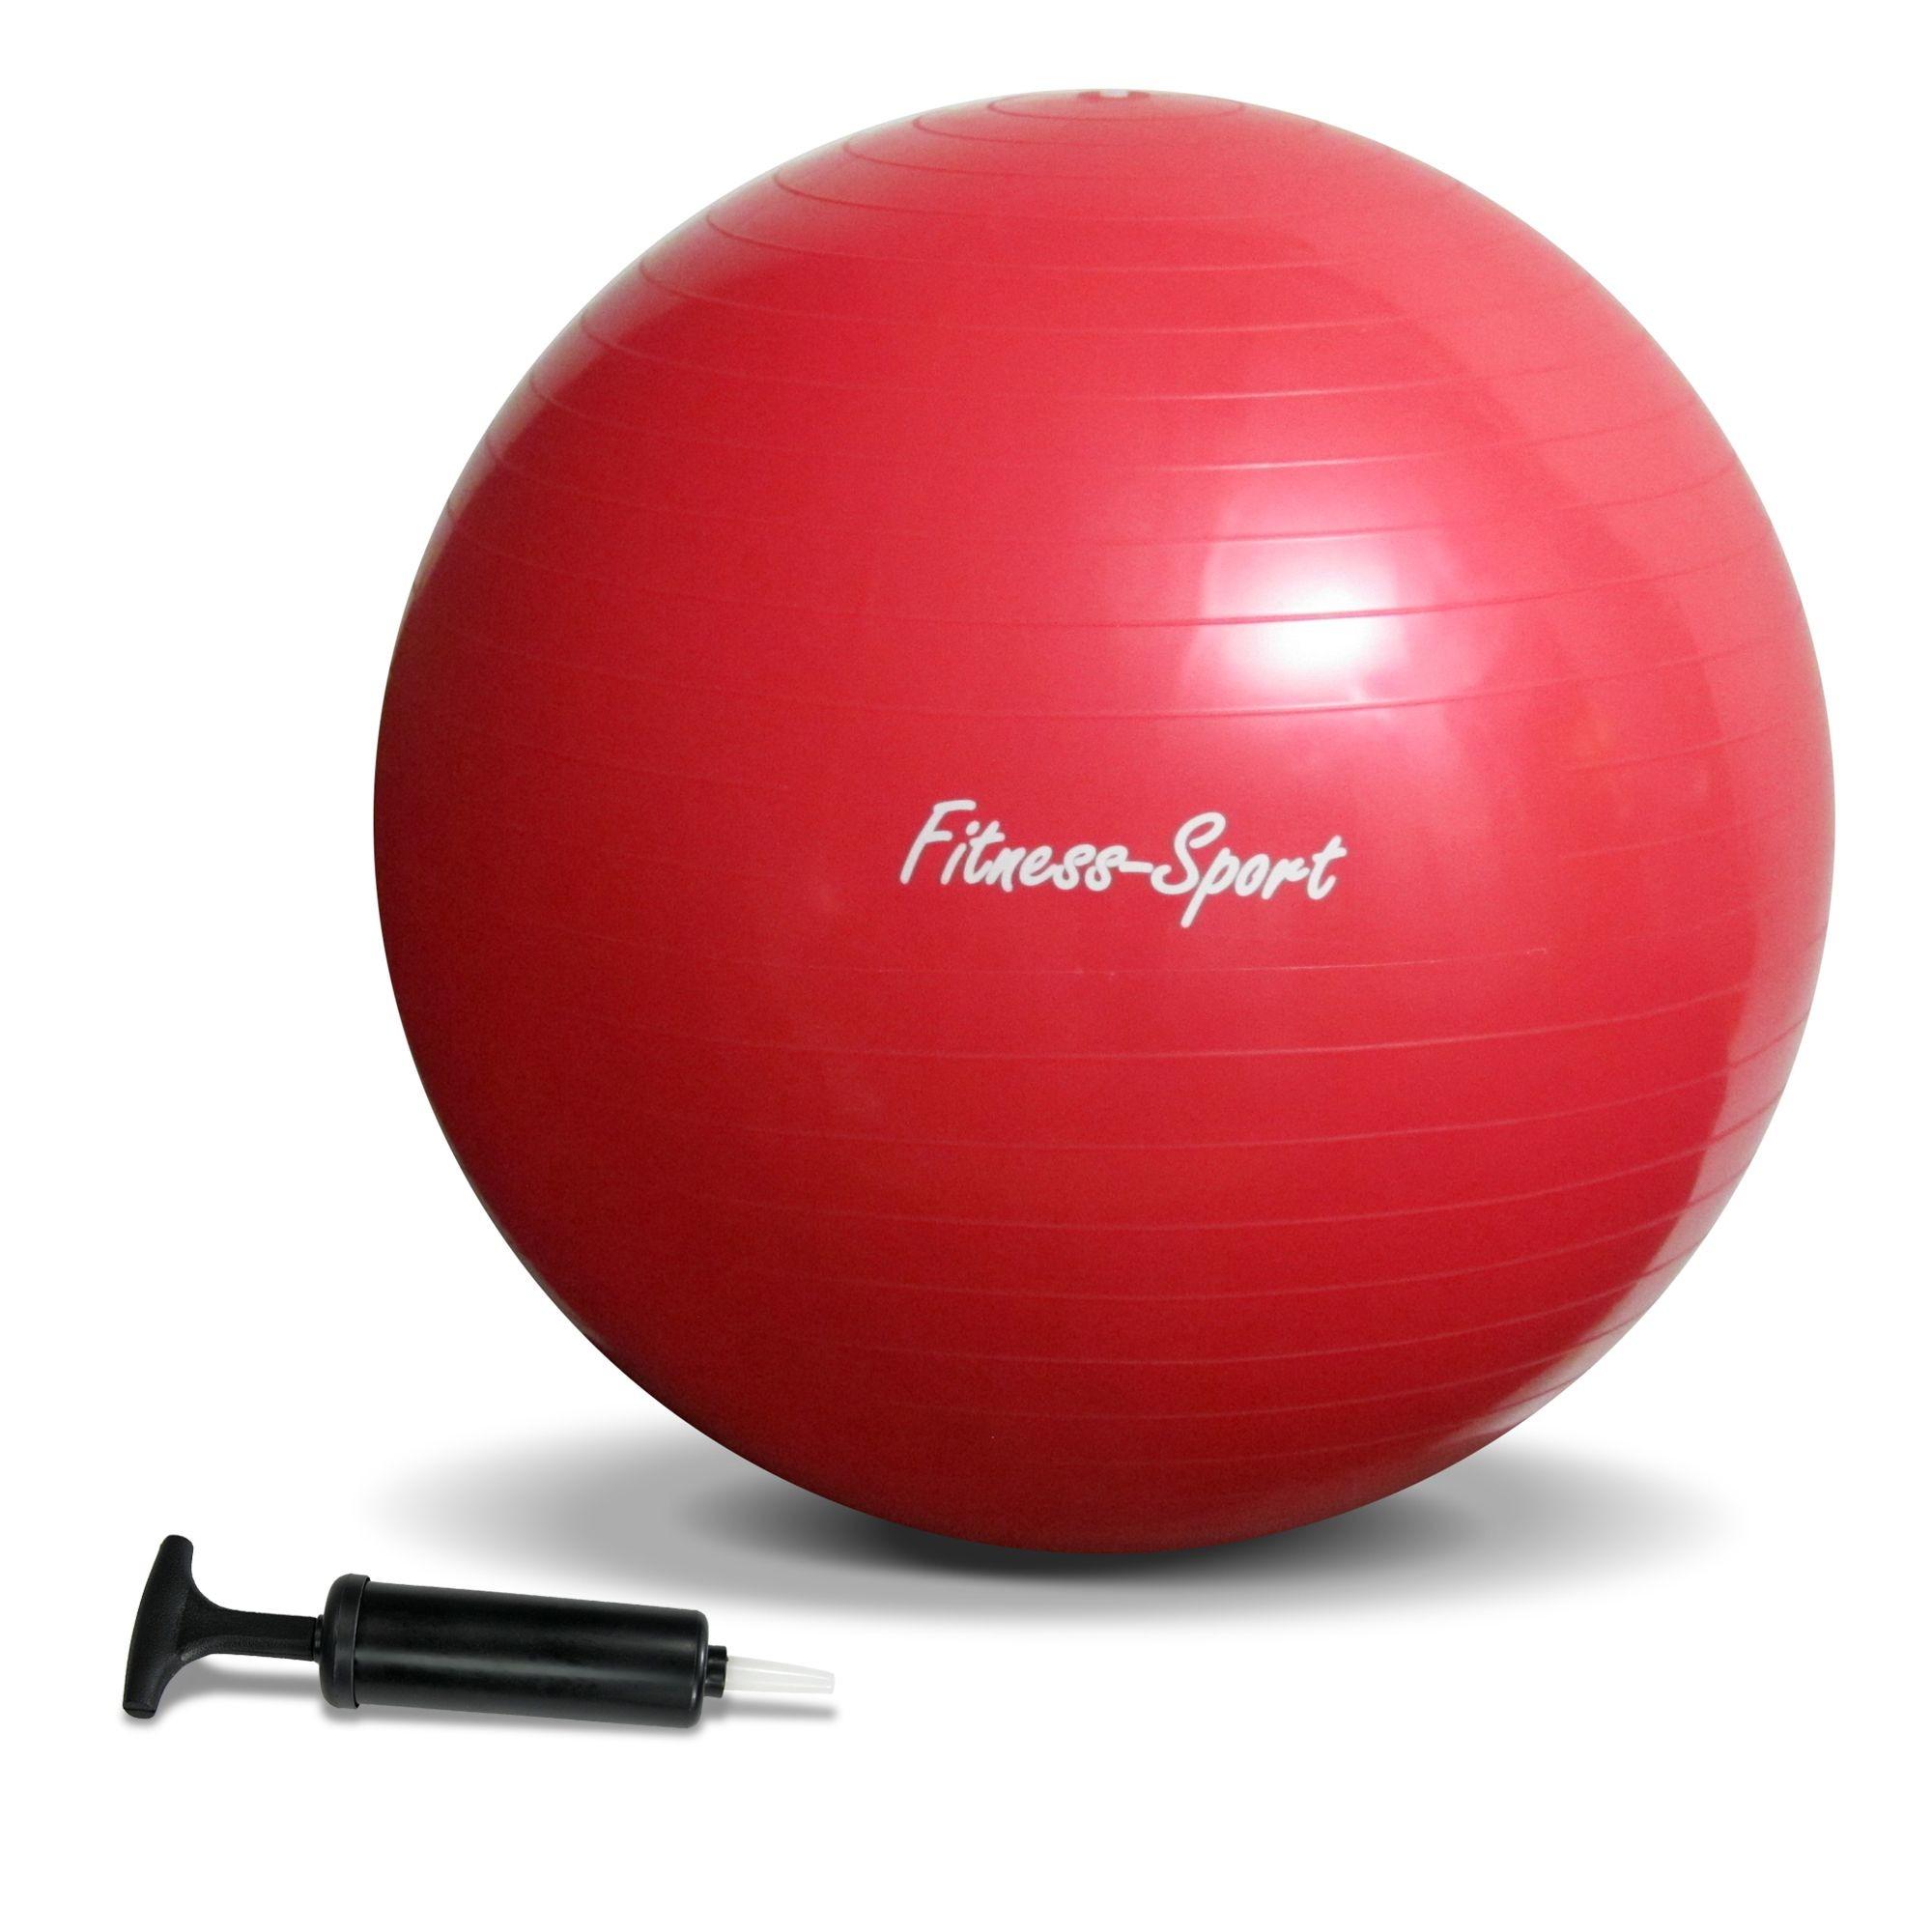 un ballon de gymnastique jom 127164 neuf couleur: rouge, jusqu'à 300